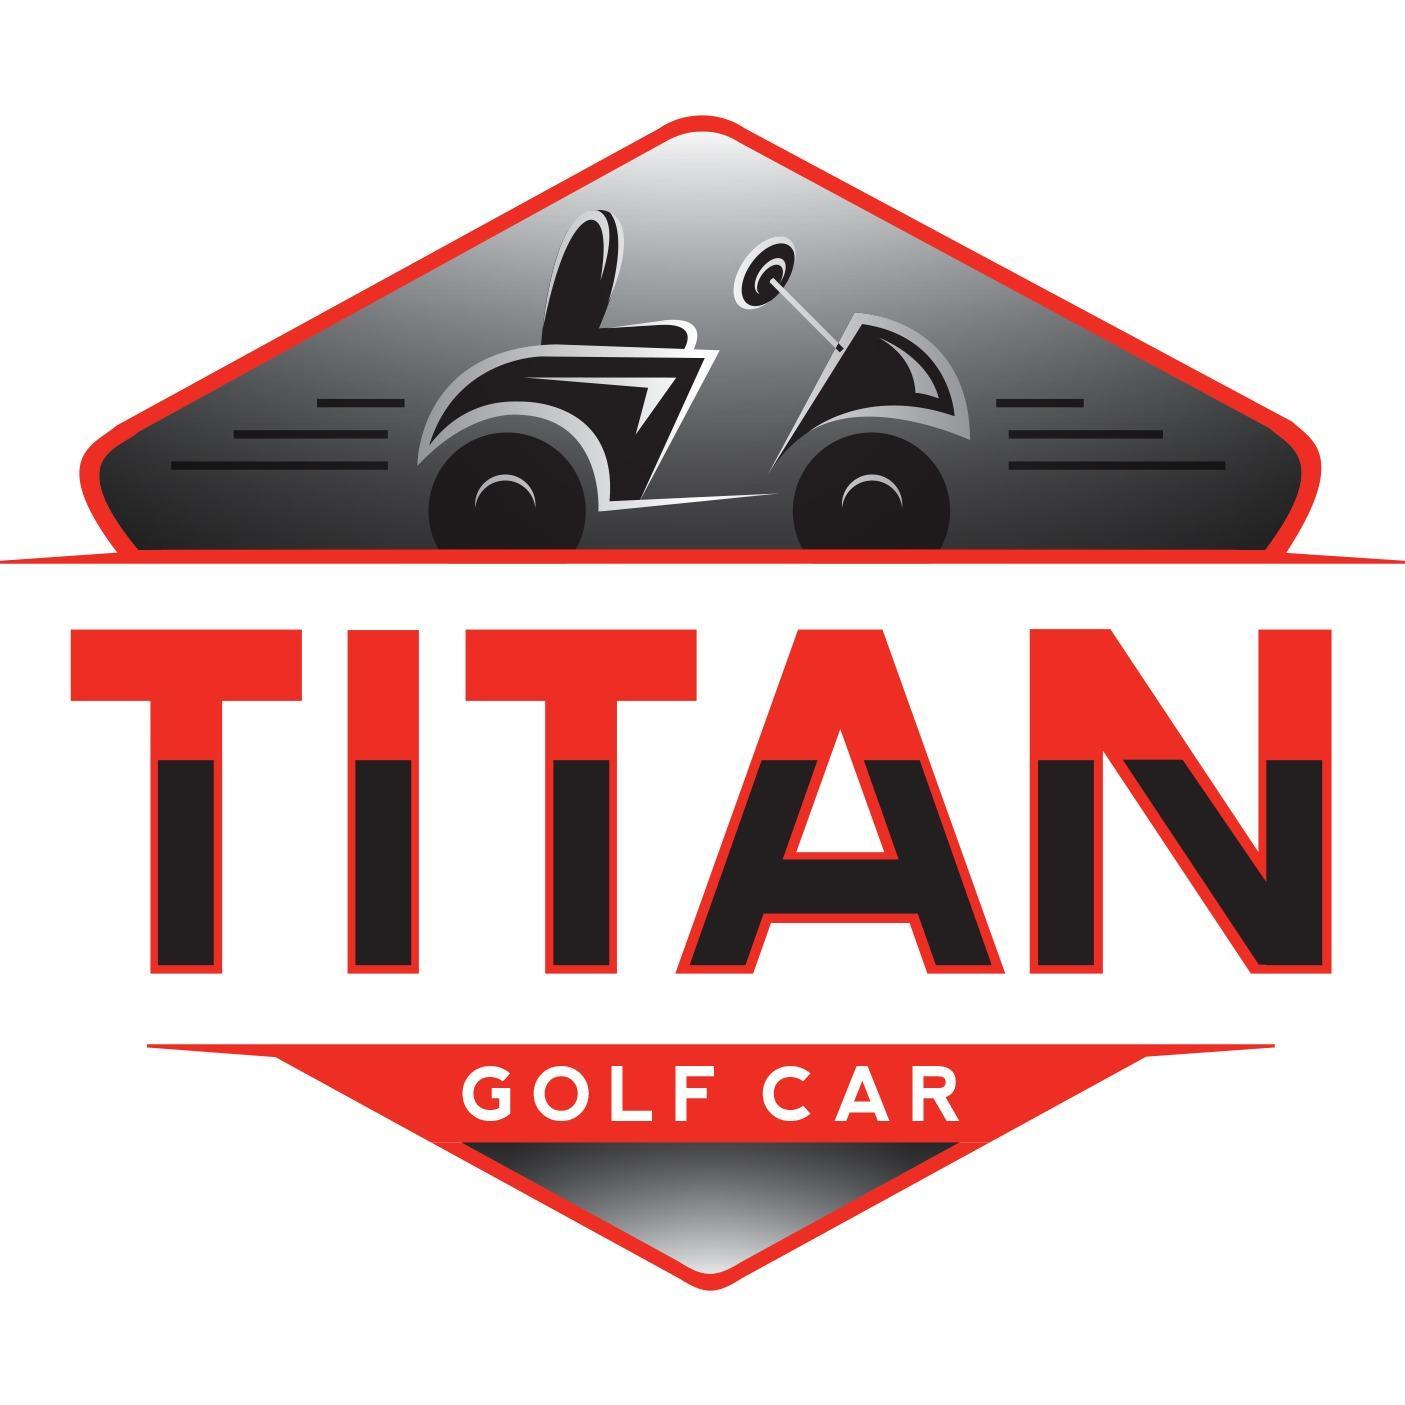 Titan Golf Car